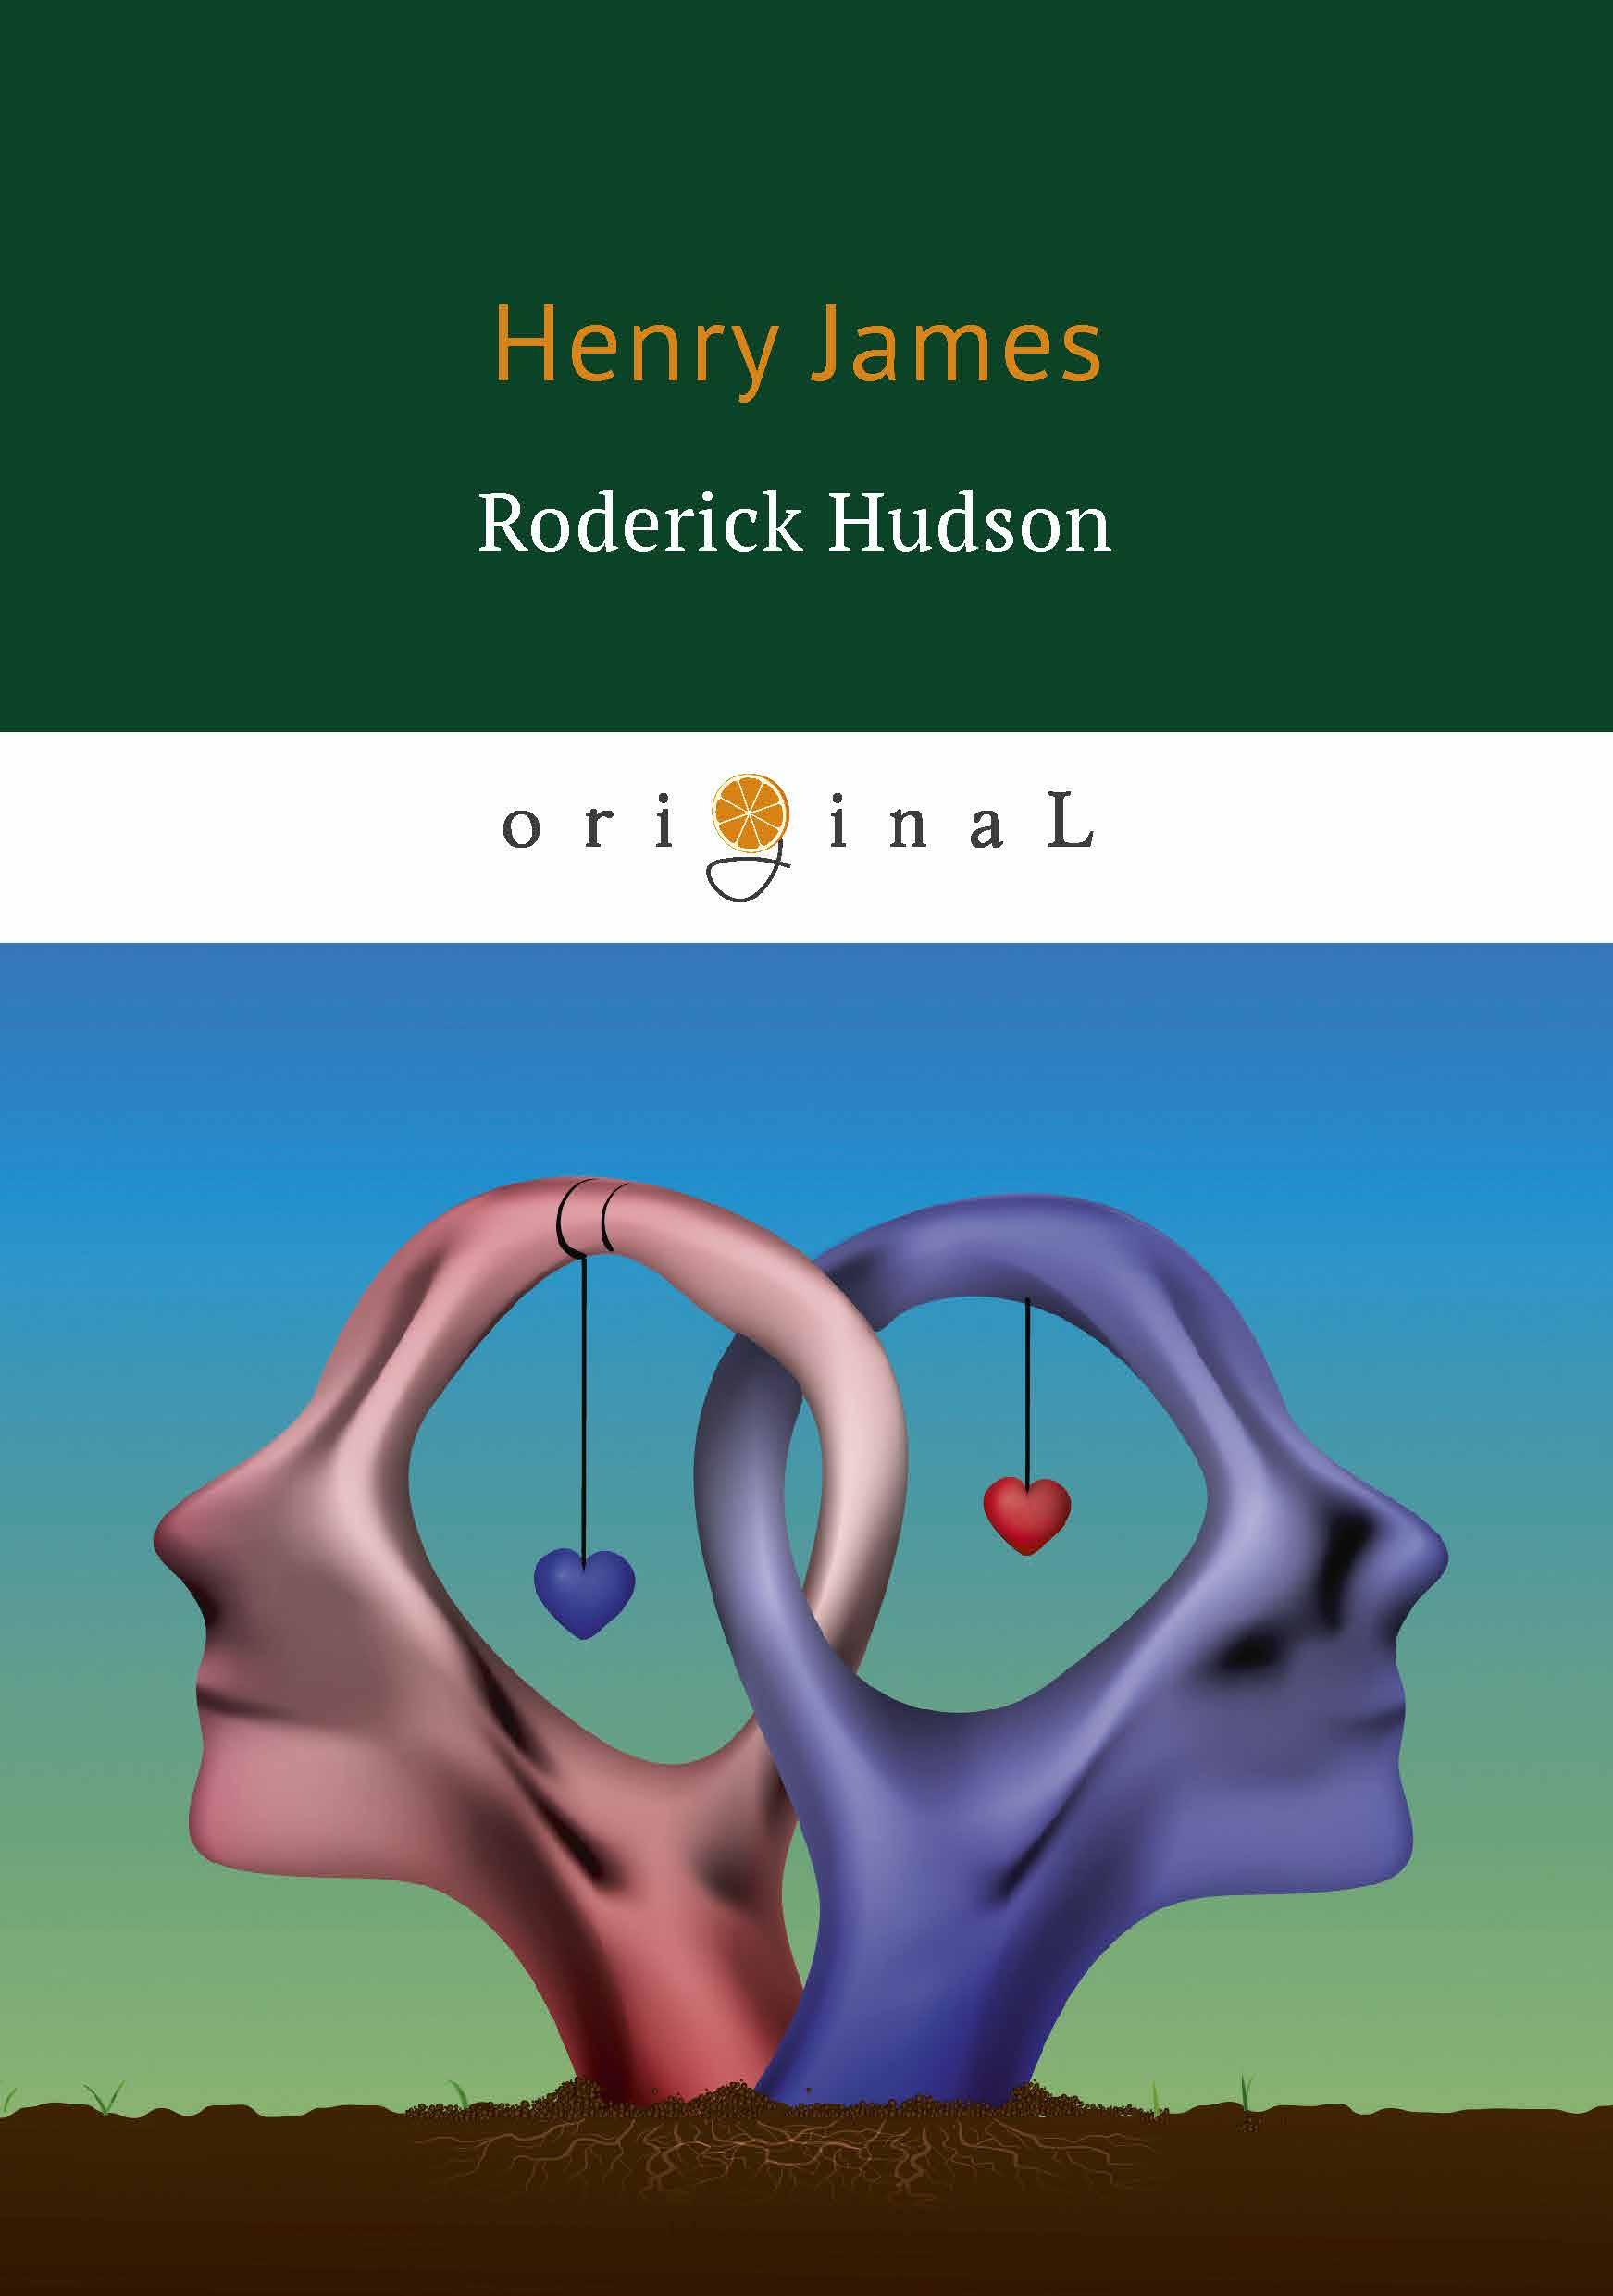 Henry James Roderick Hudson constructivism or realism